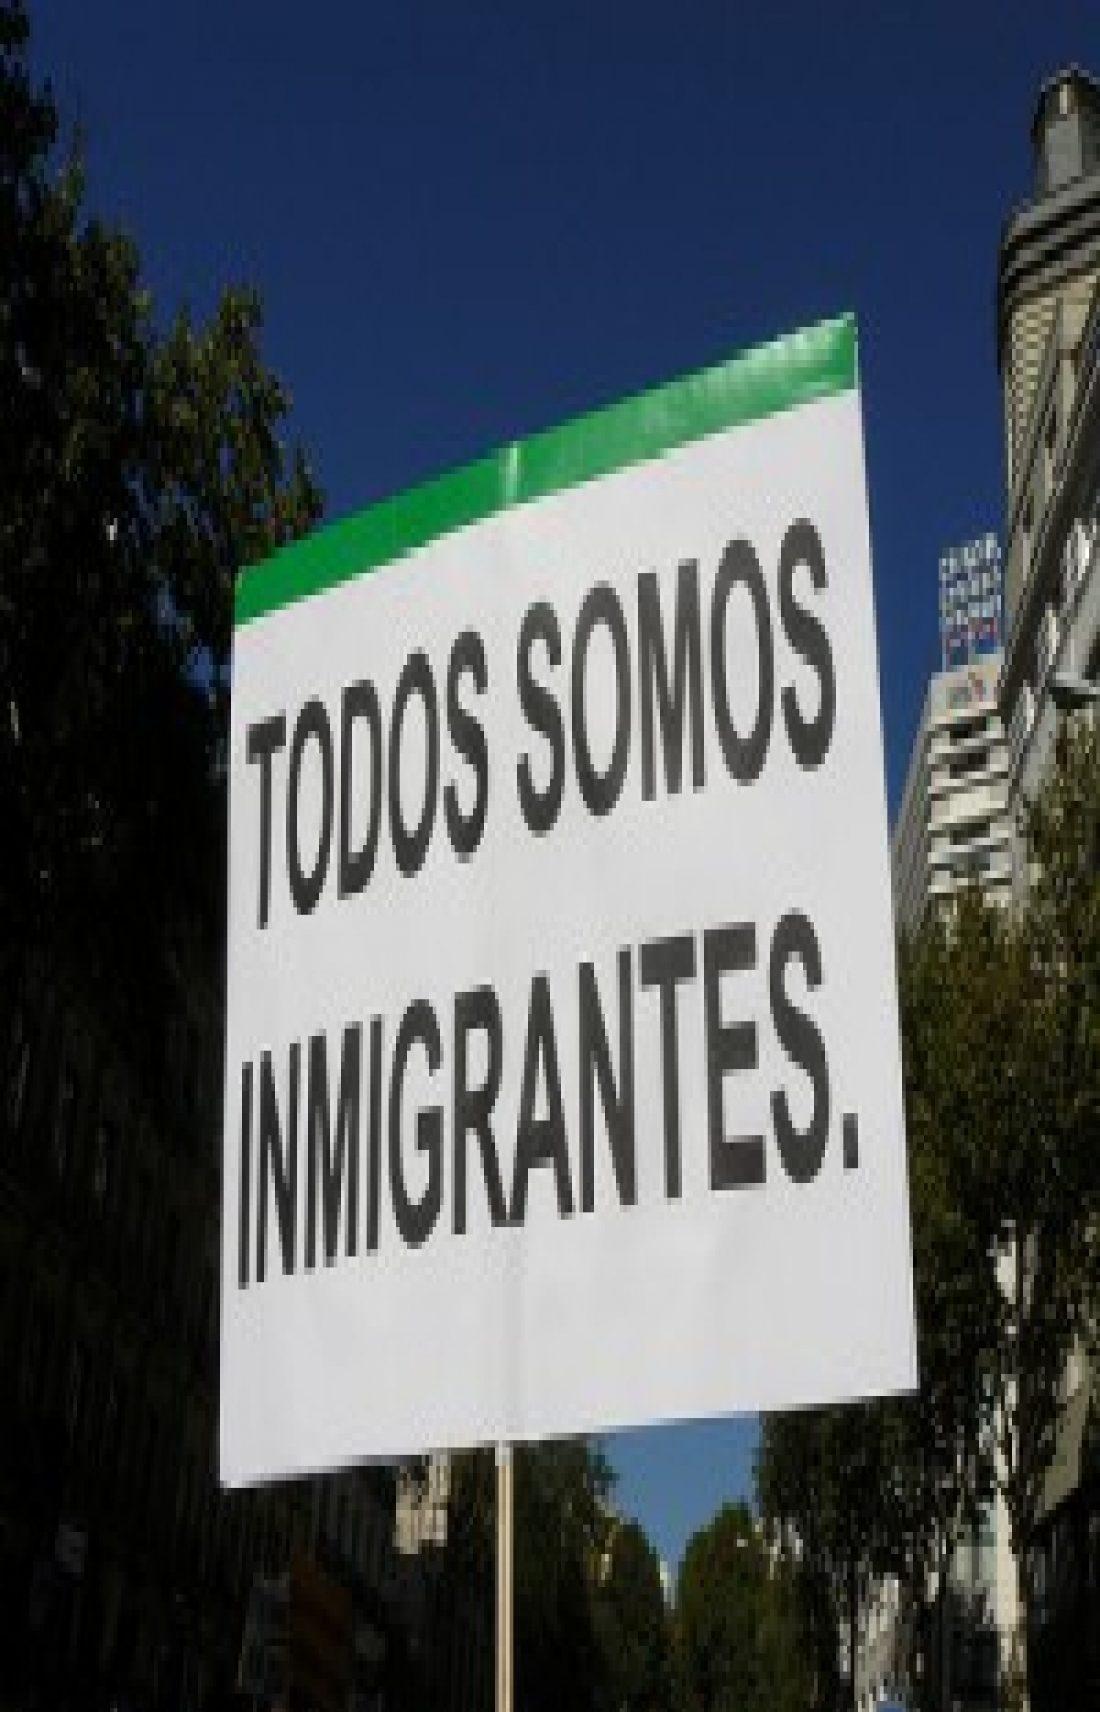 La Europa fortaleza aprovechándose de la crisis da una vuelta de tuerca mas contra la población immigrante.